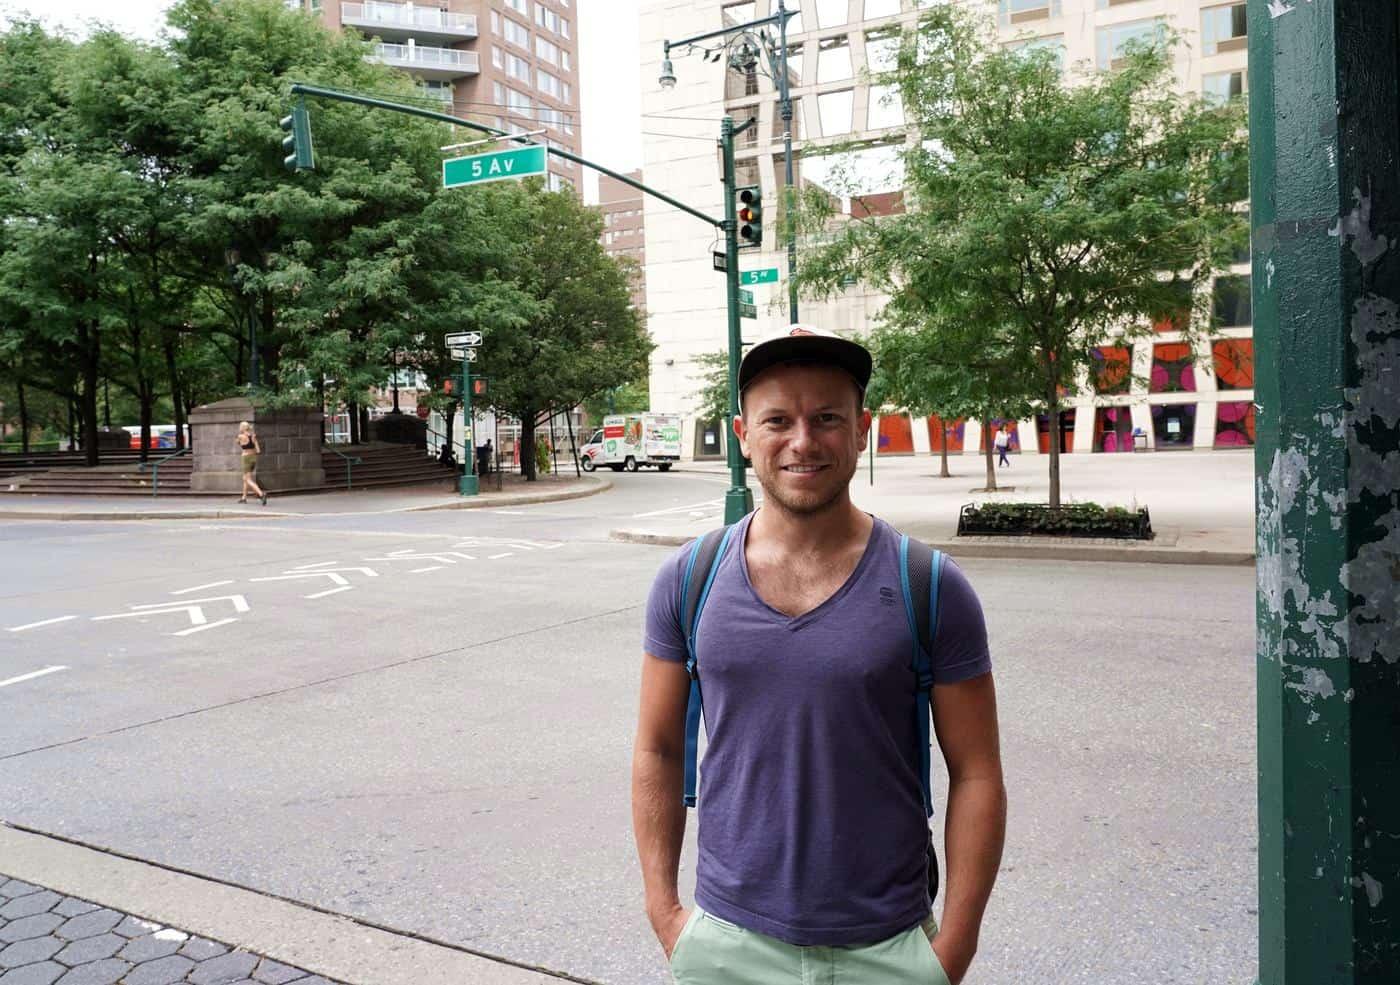 New York City – Arne posiert vor Straßenschild der 5th Avenue